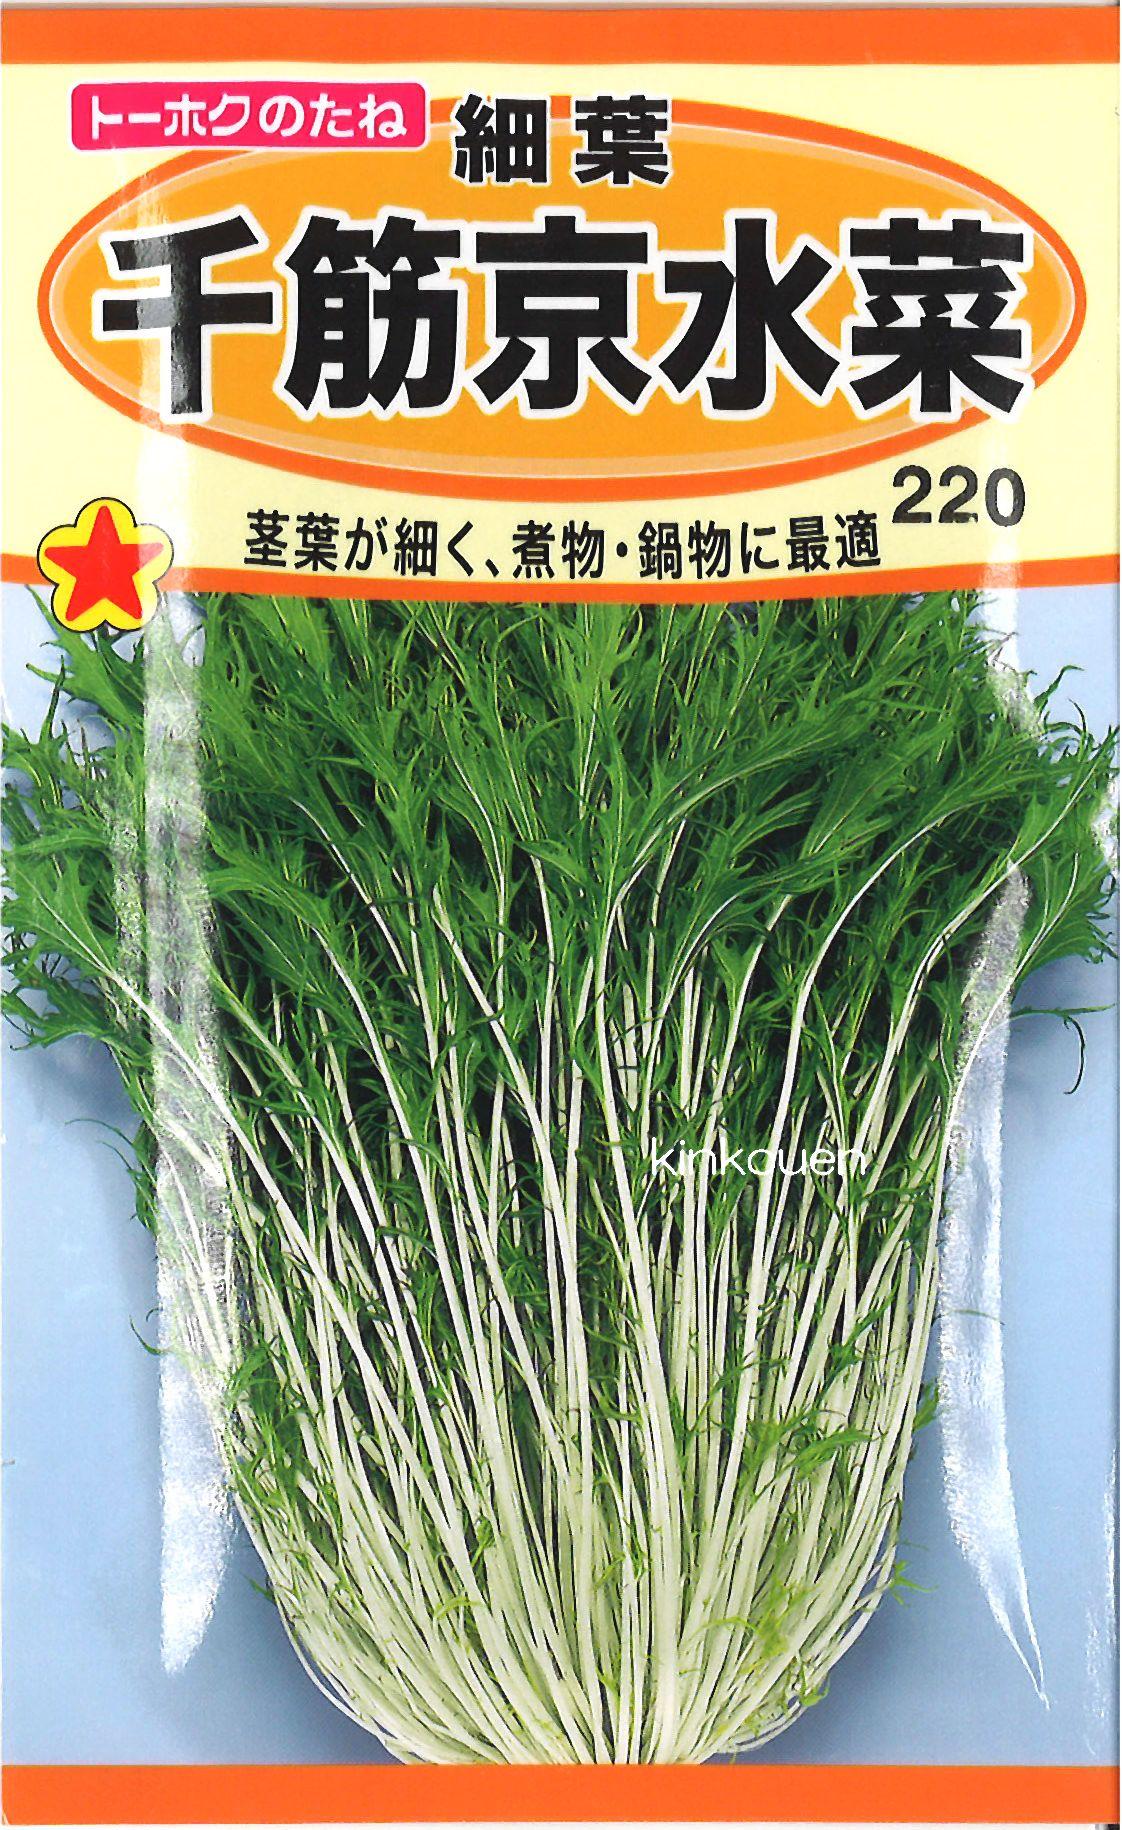 【代引不可】【5袋まで送料80円】□細葉千筋京水菜